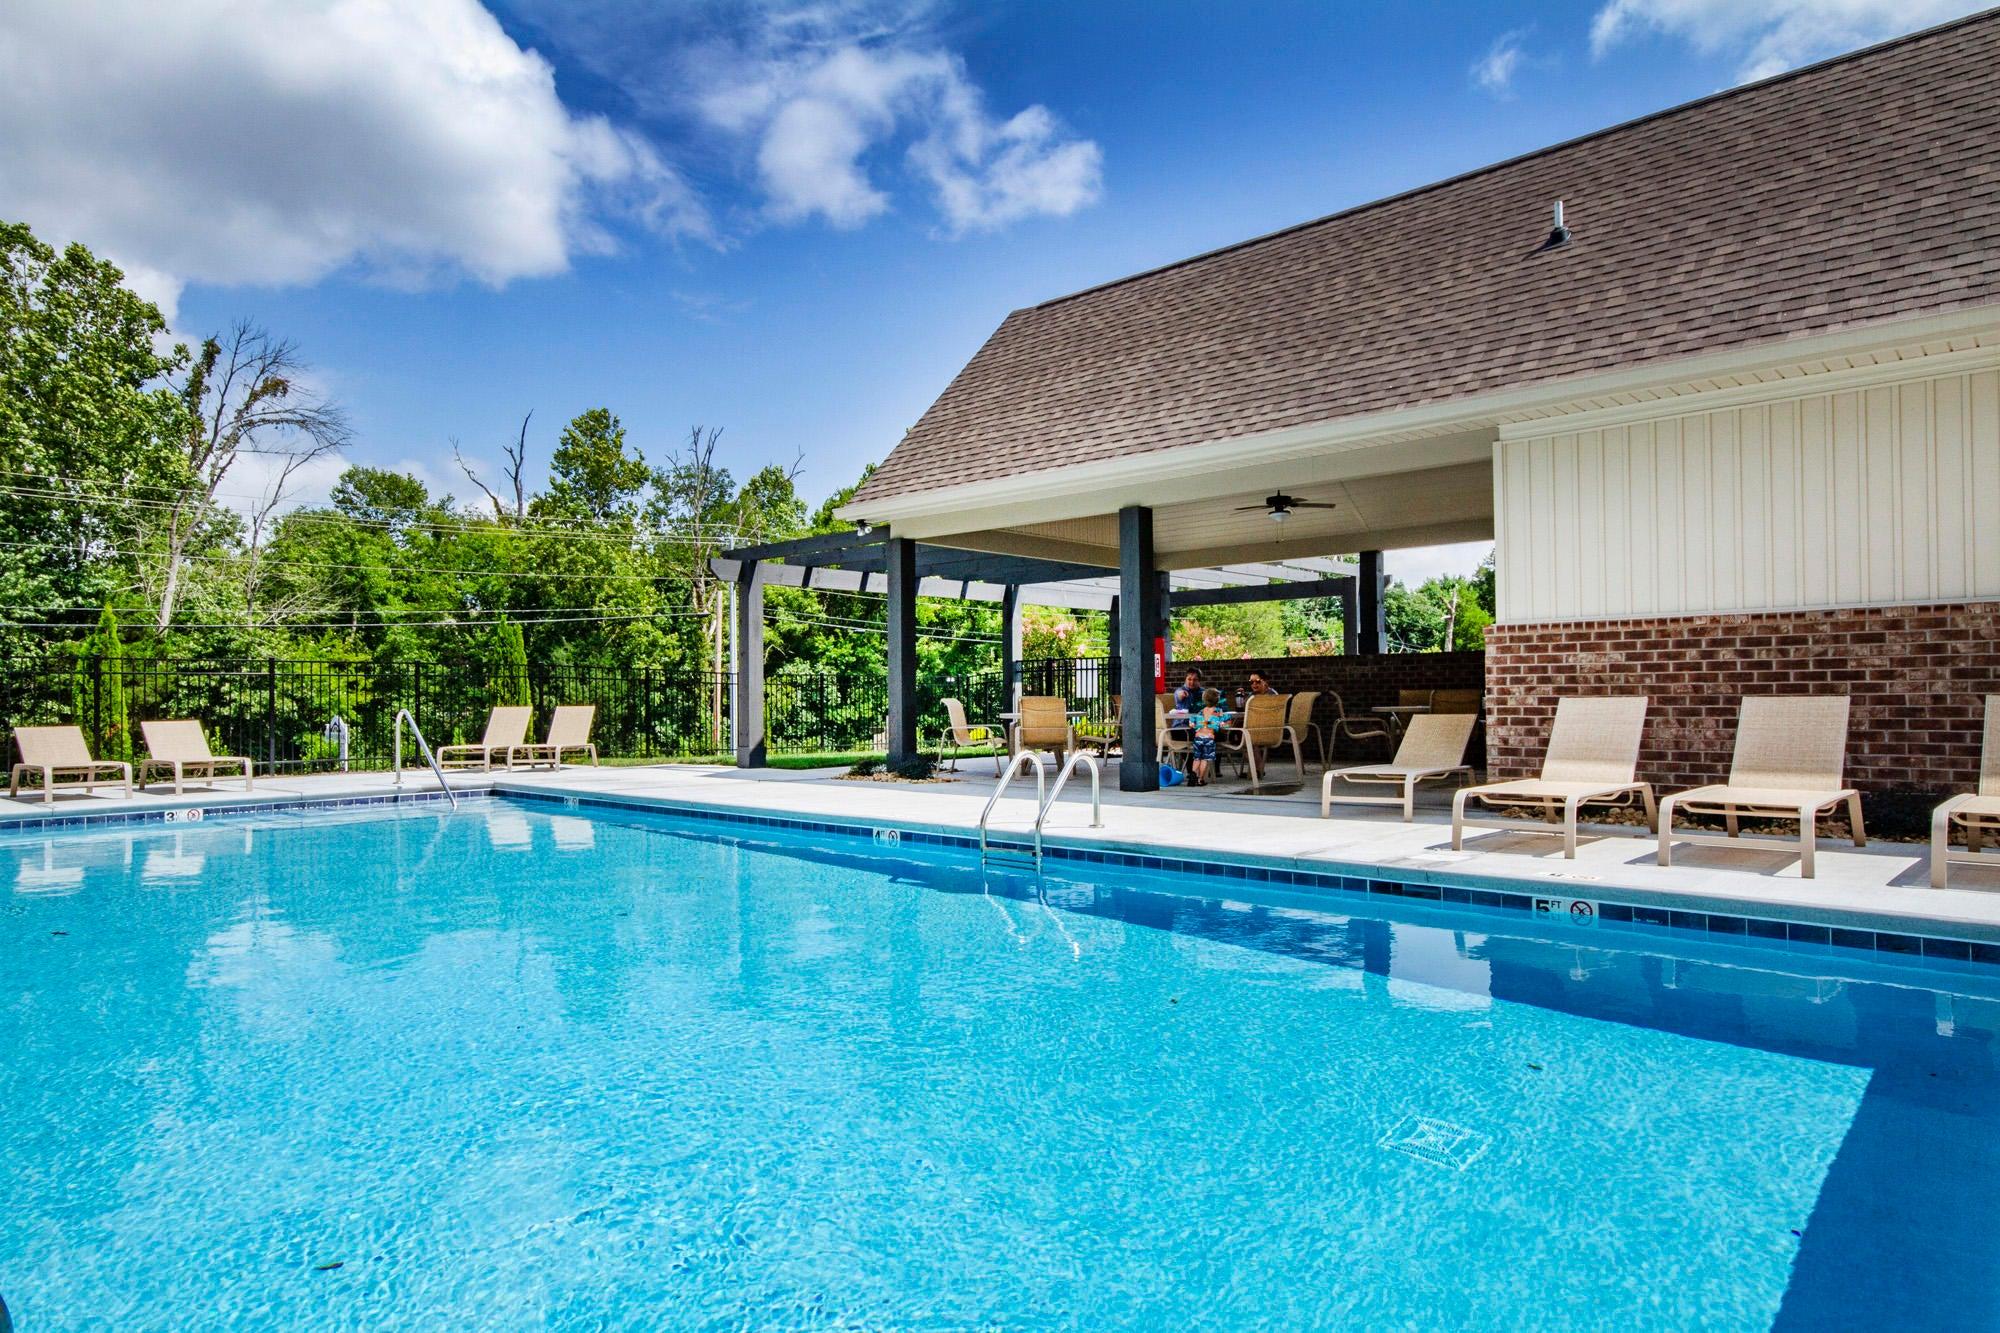 Pool ad paviliion